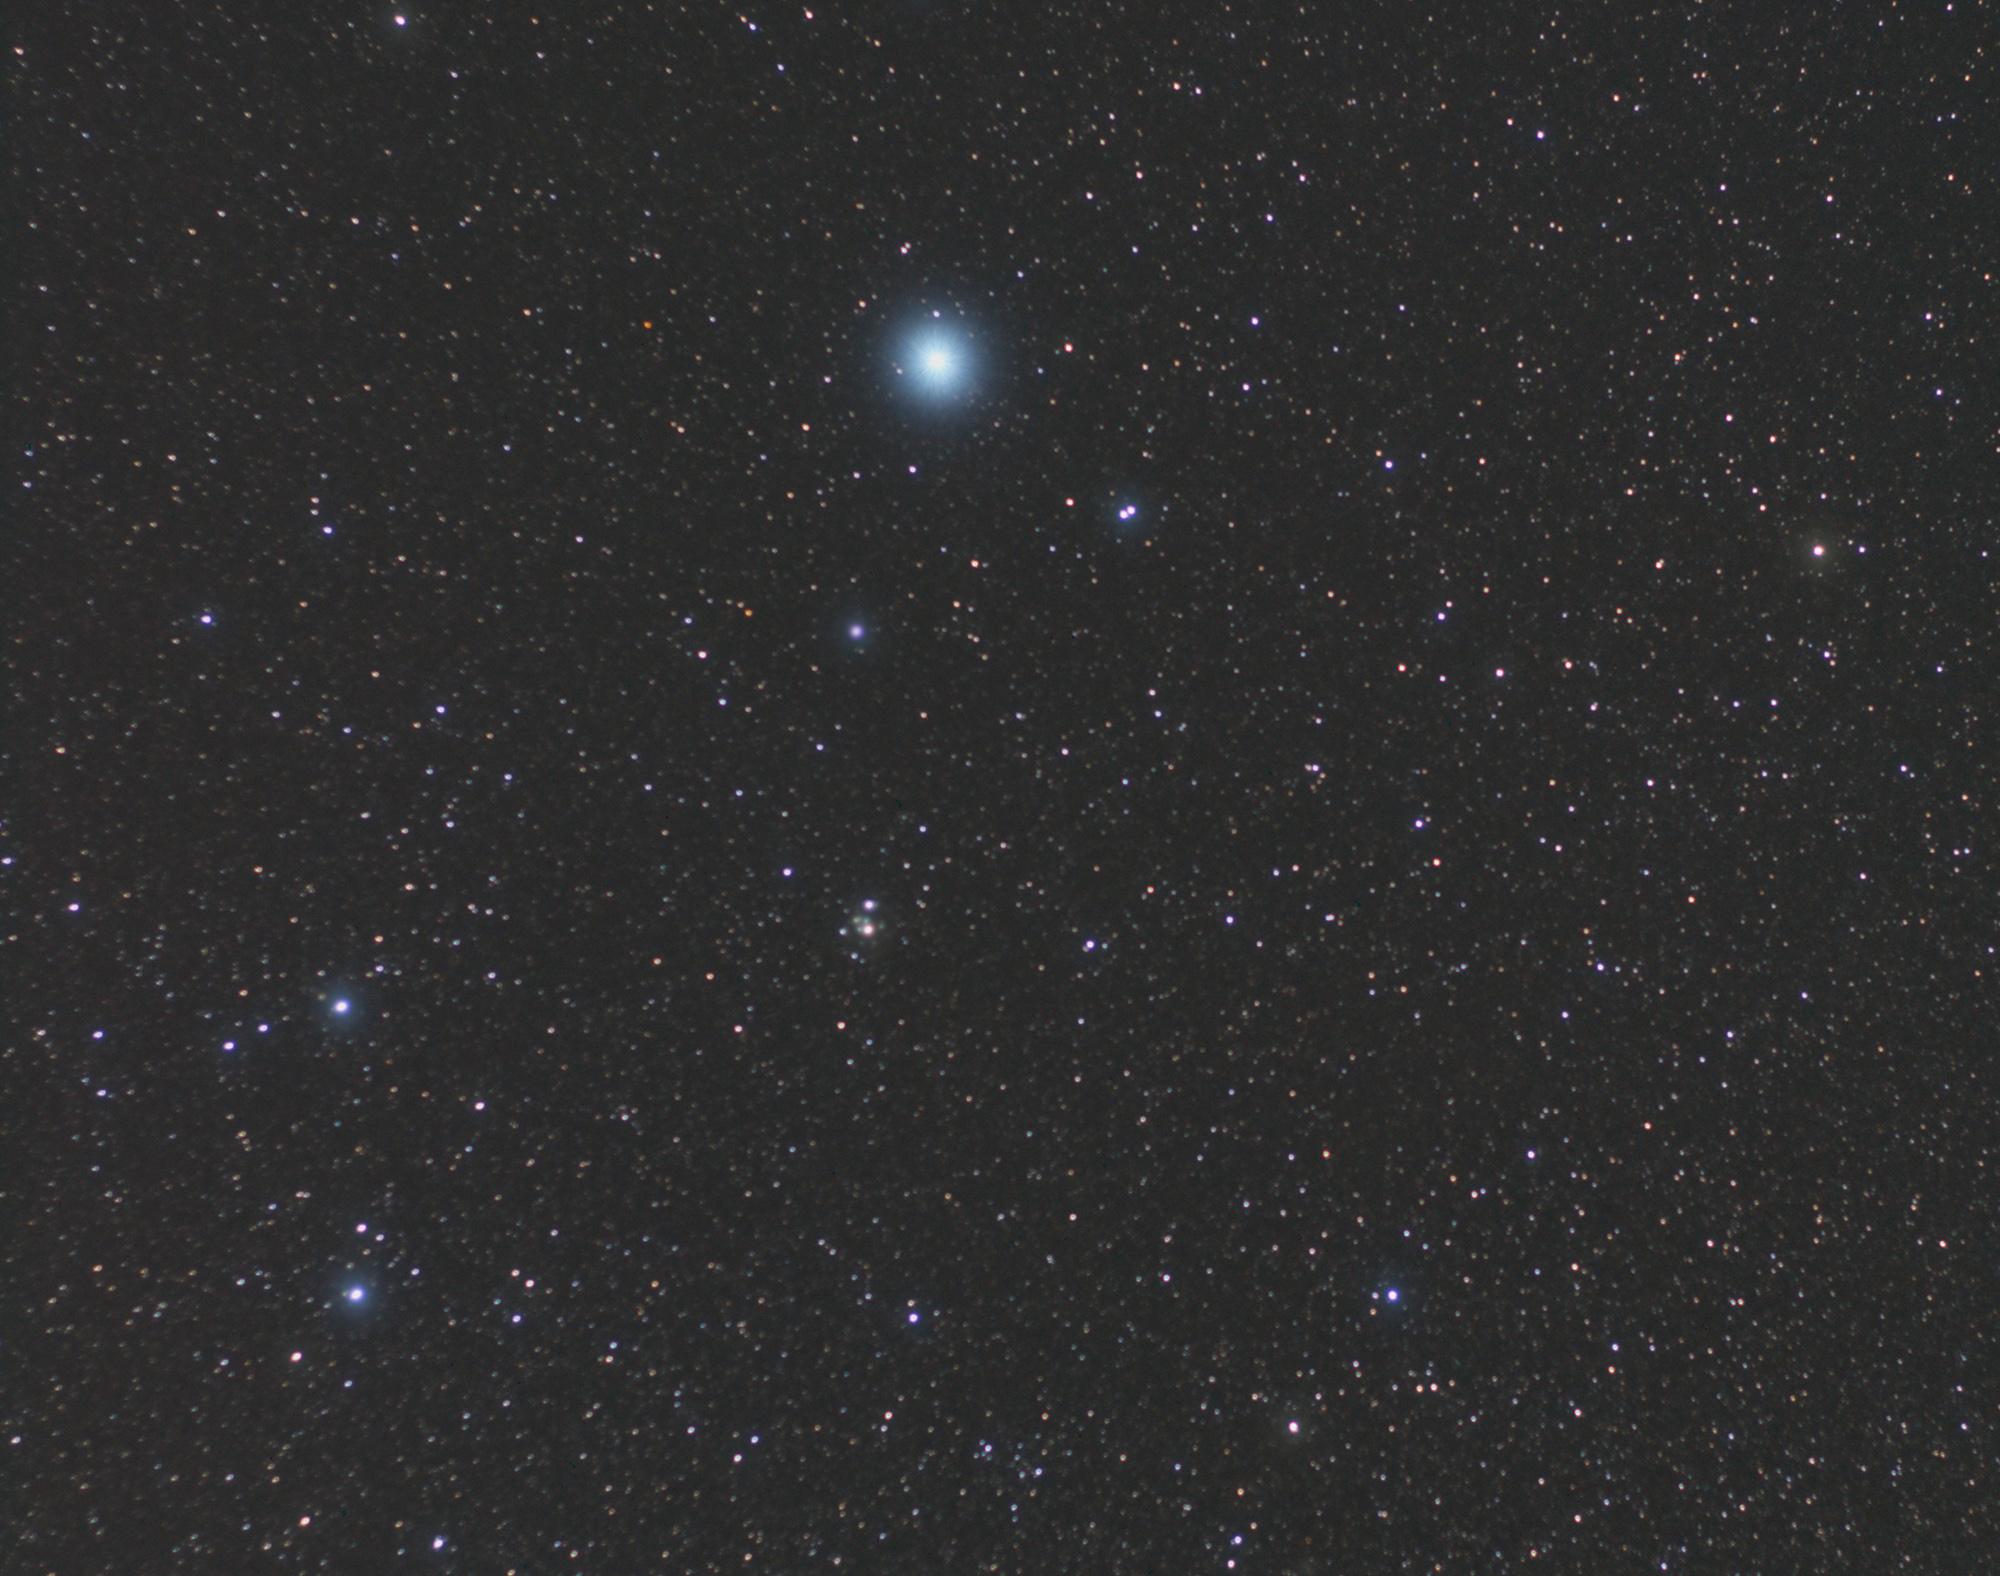 Sternbild Lyra